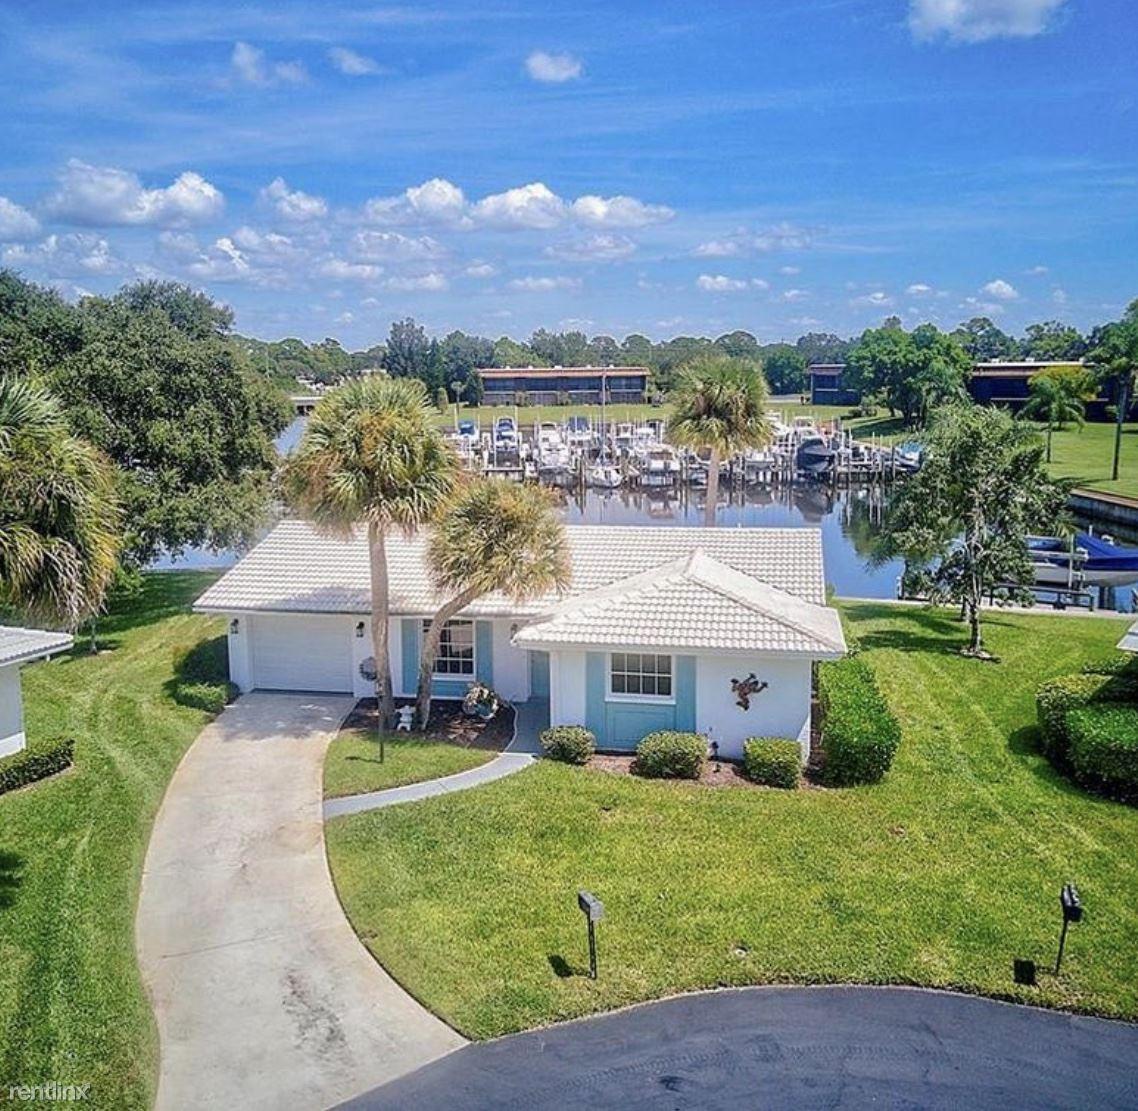 24 Oakwood Dr N, Englewood, FL - $4,950